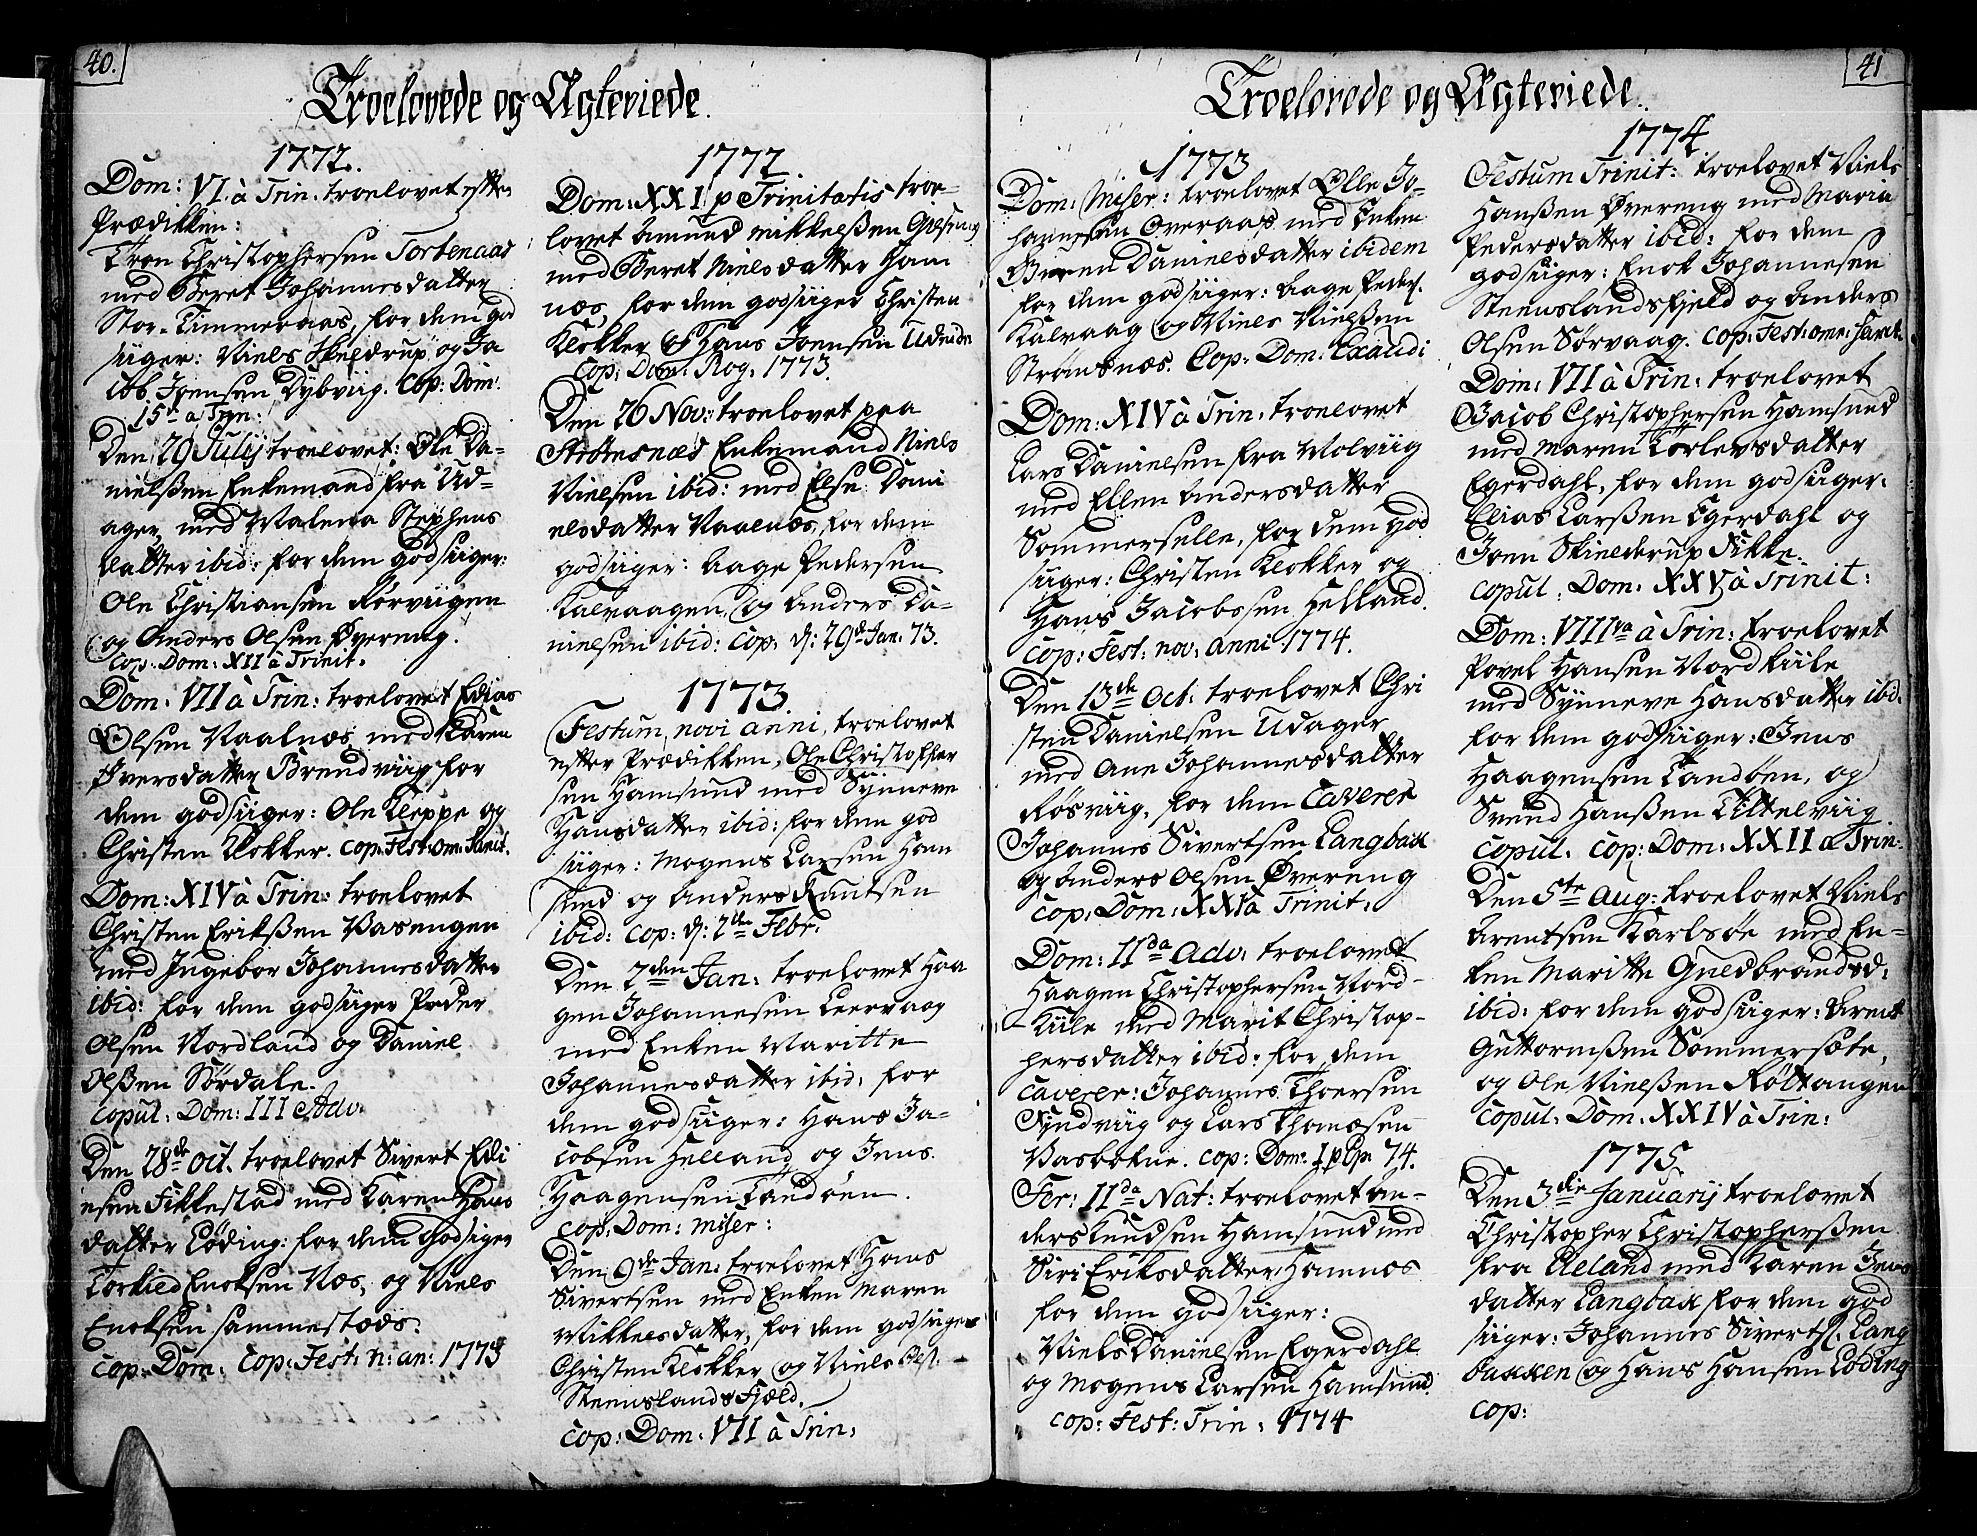 SAT, Ministerialprotokoller, klokkerbøker og fødselsregistre - Nordland, 859/L0841: Parish register (official) no. 859A01, 1766-1821, p. 40-41